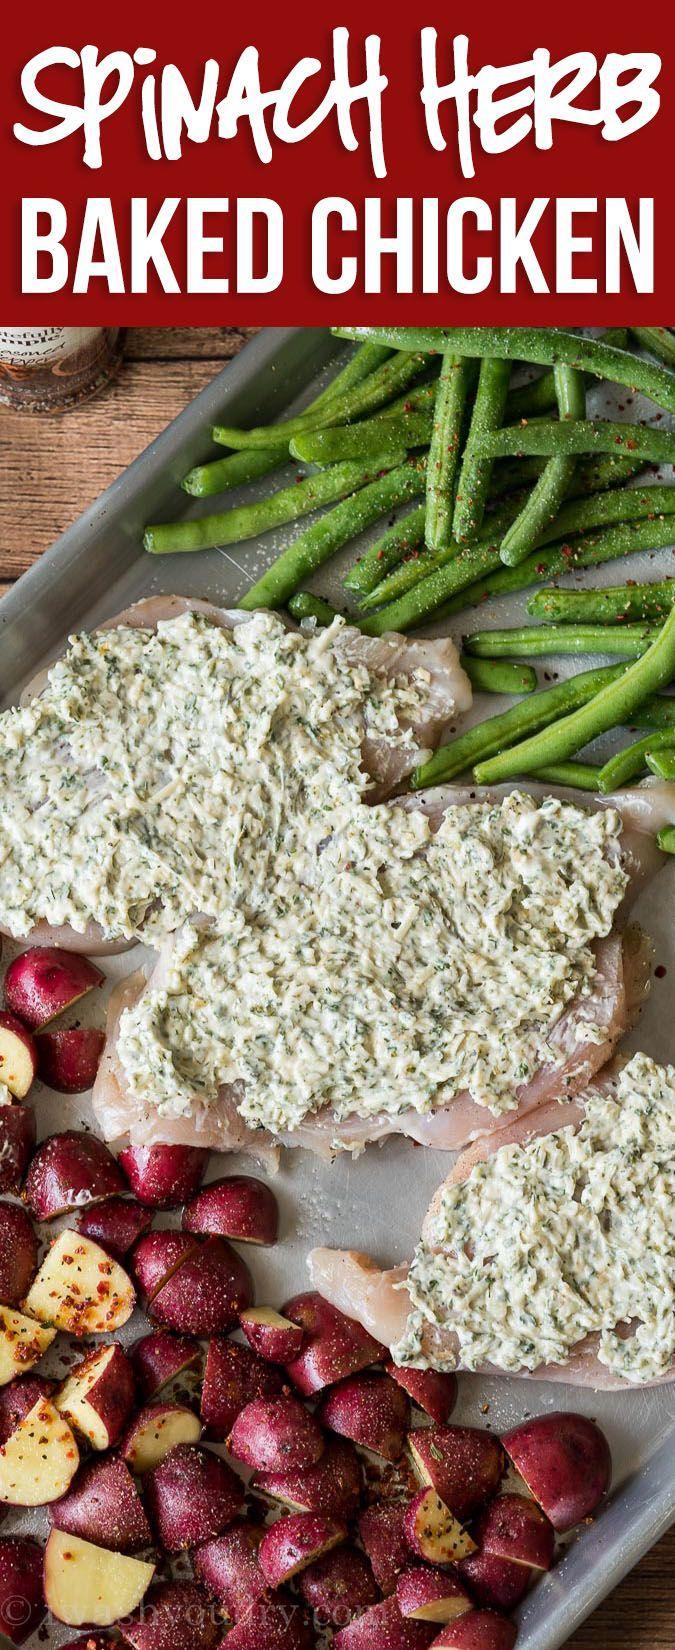 Spinach Herb Baked Chicken Recipe